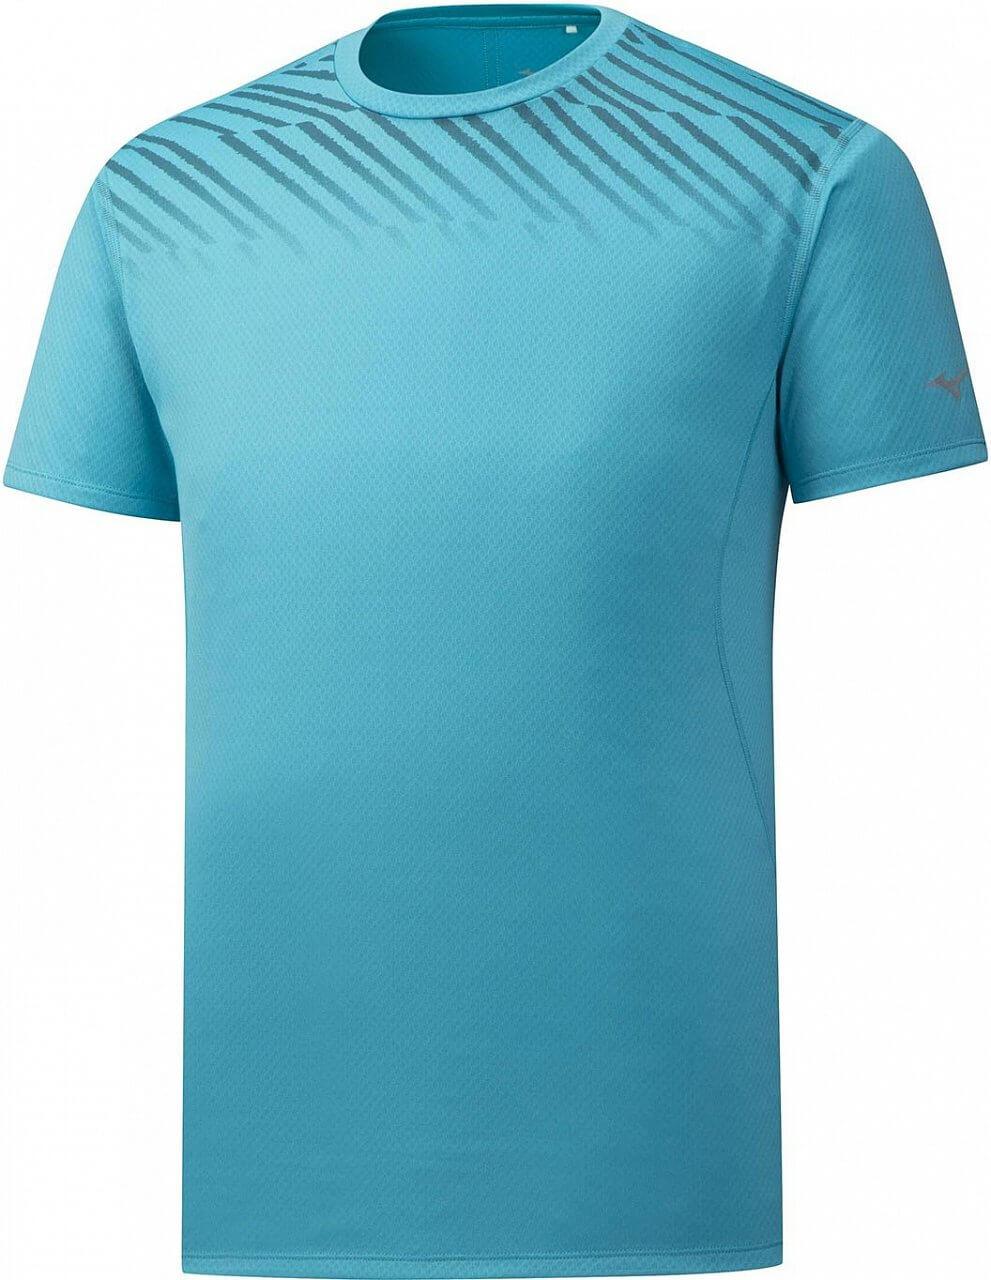 Pánské běžecké tričko Mizuno Solarcut Cool Tee